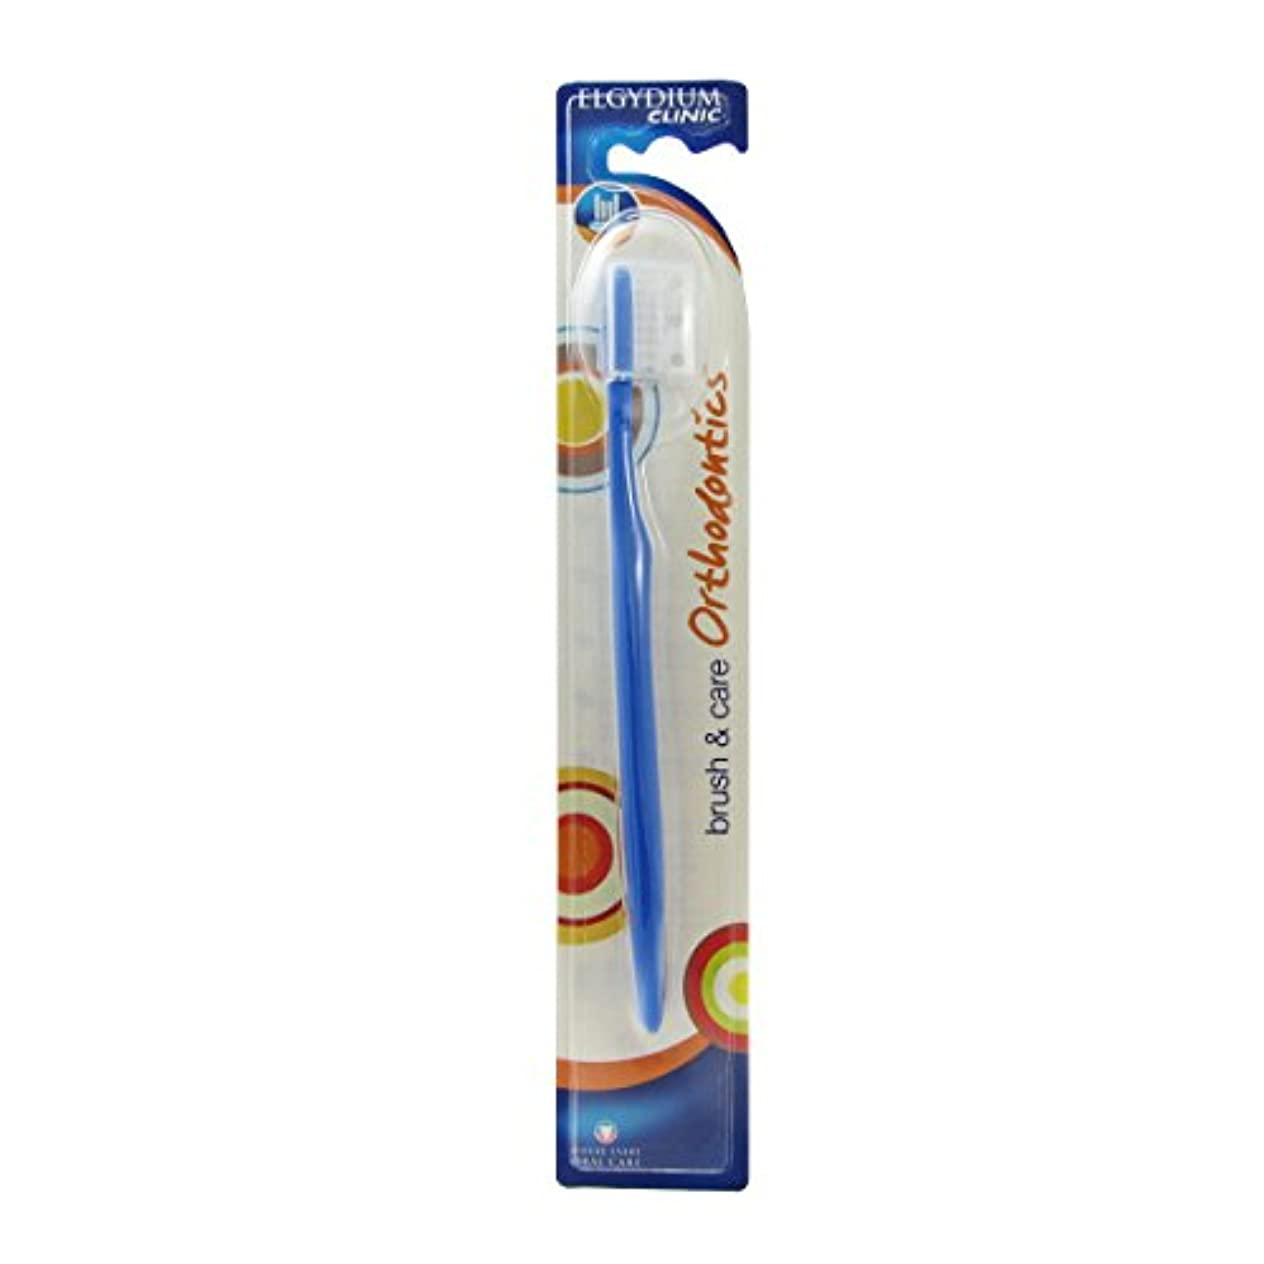 ペース危険を冒します医療過誤Elgydium Clinic Orthodontics Orthodontic Medium Children Toothbrush [並行輸入品]